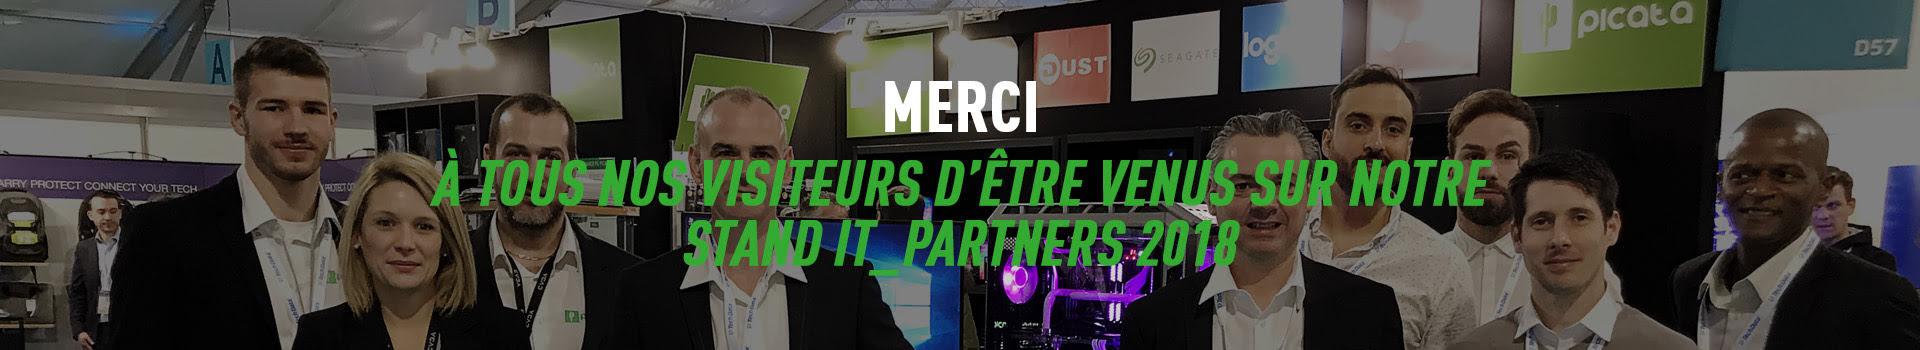 it-partners2018